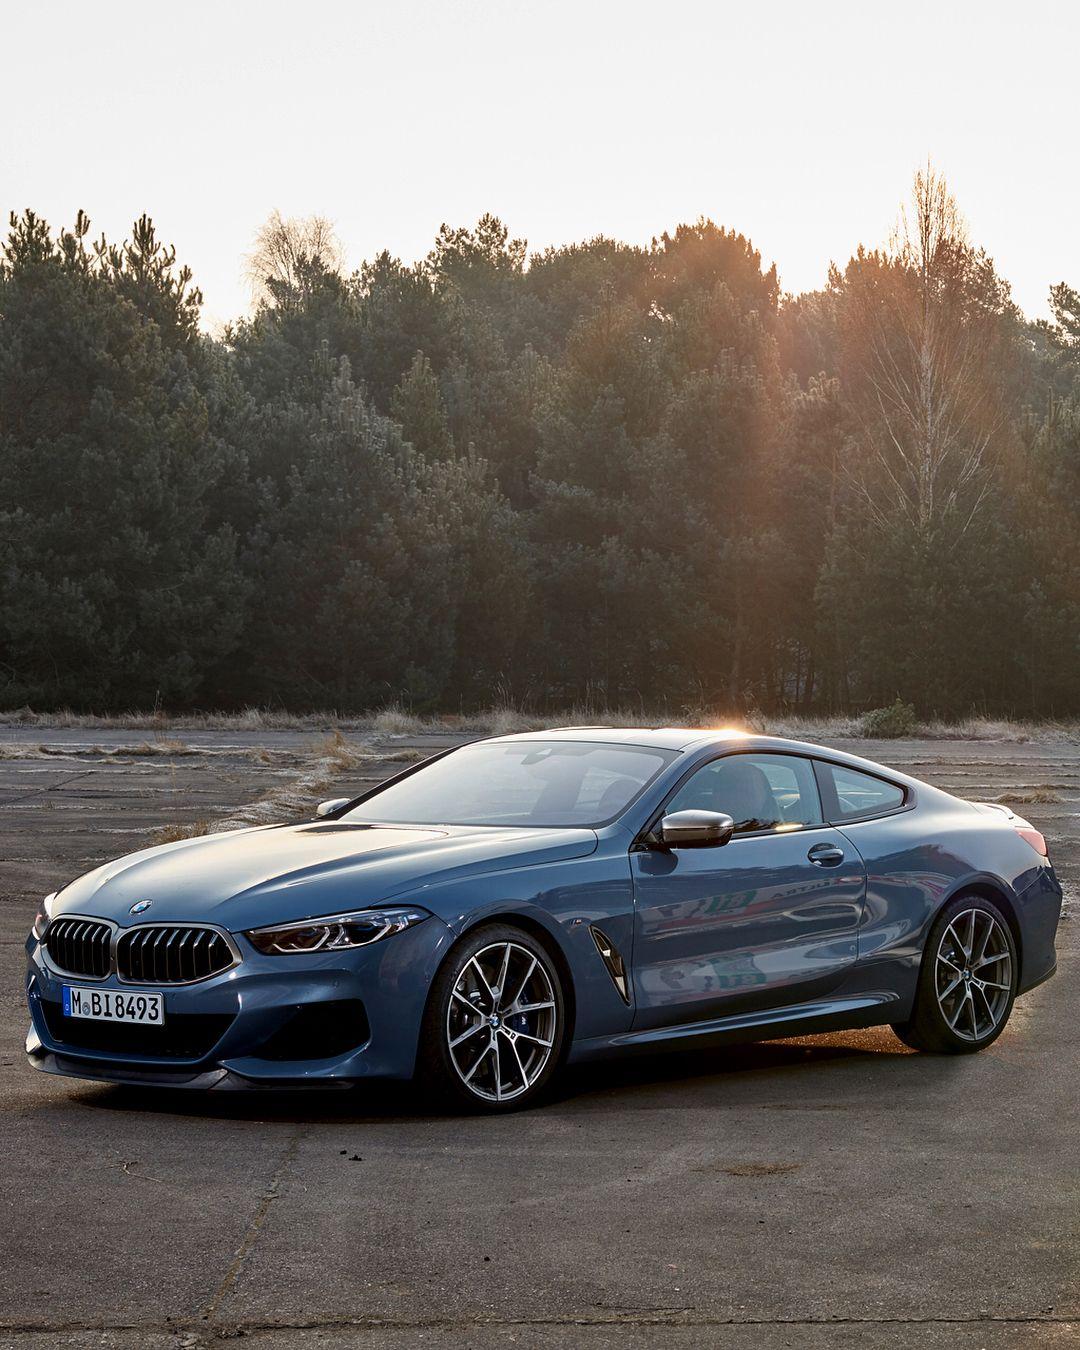 Bmw 8 Series Coupe Bmw Bmw Blue